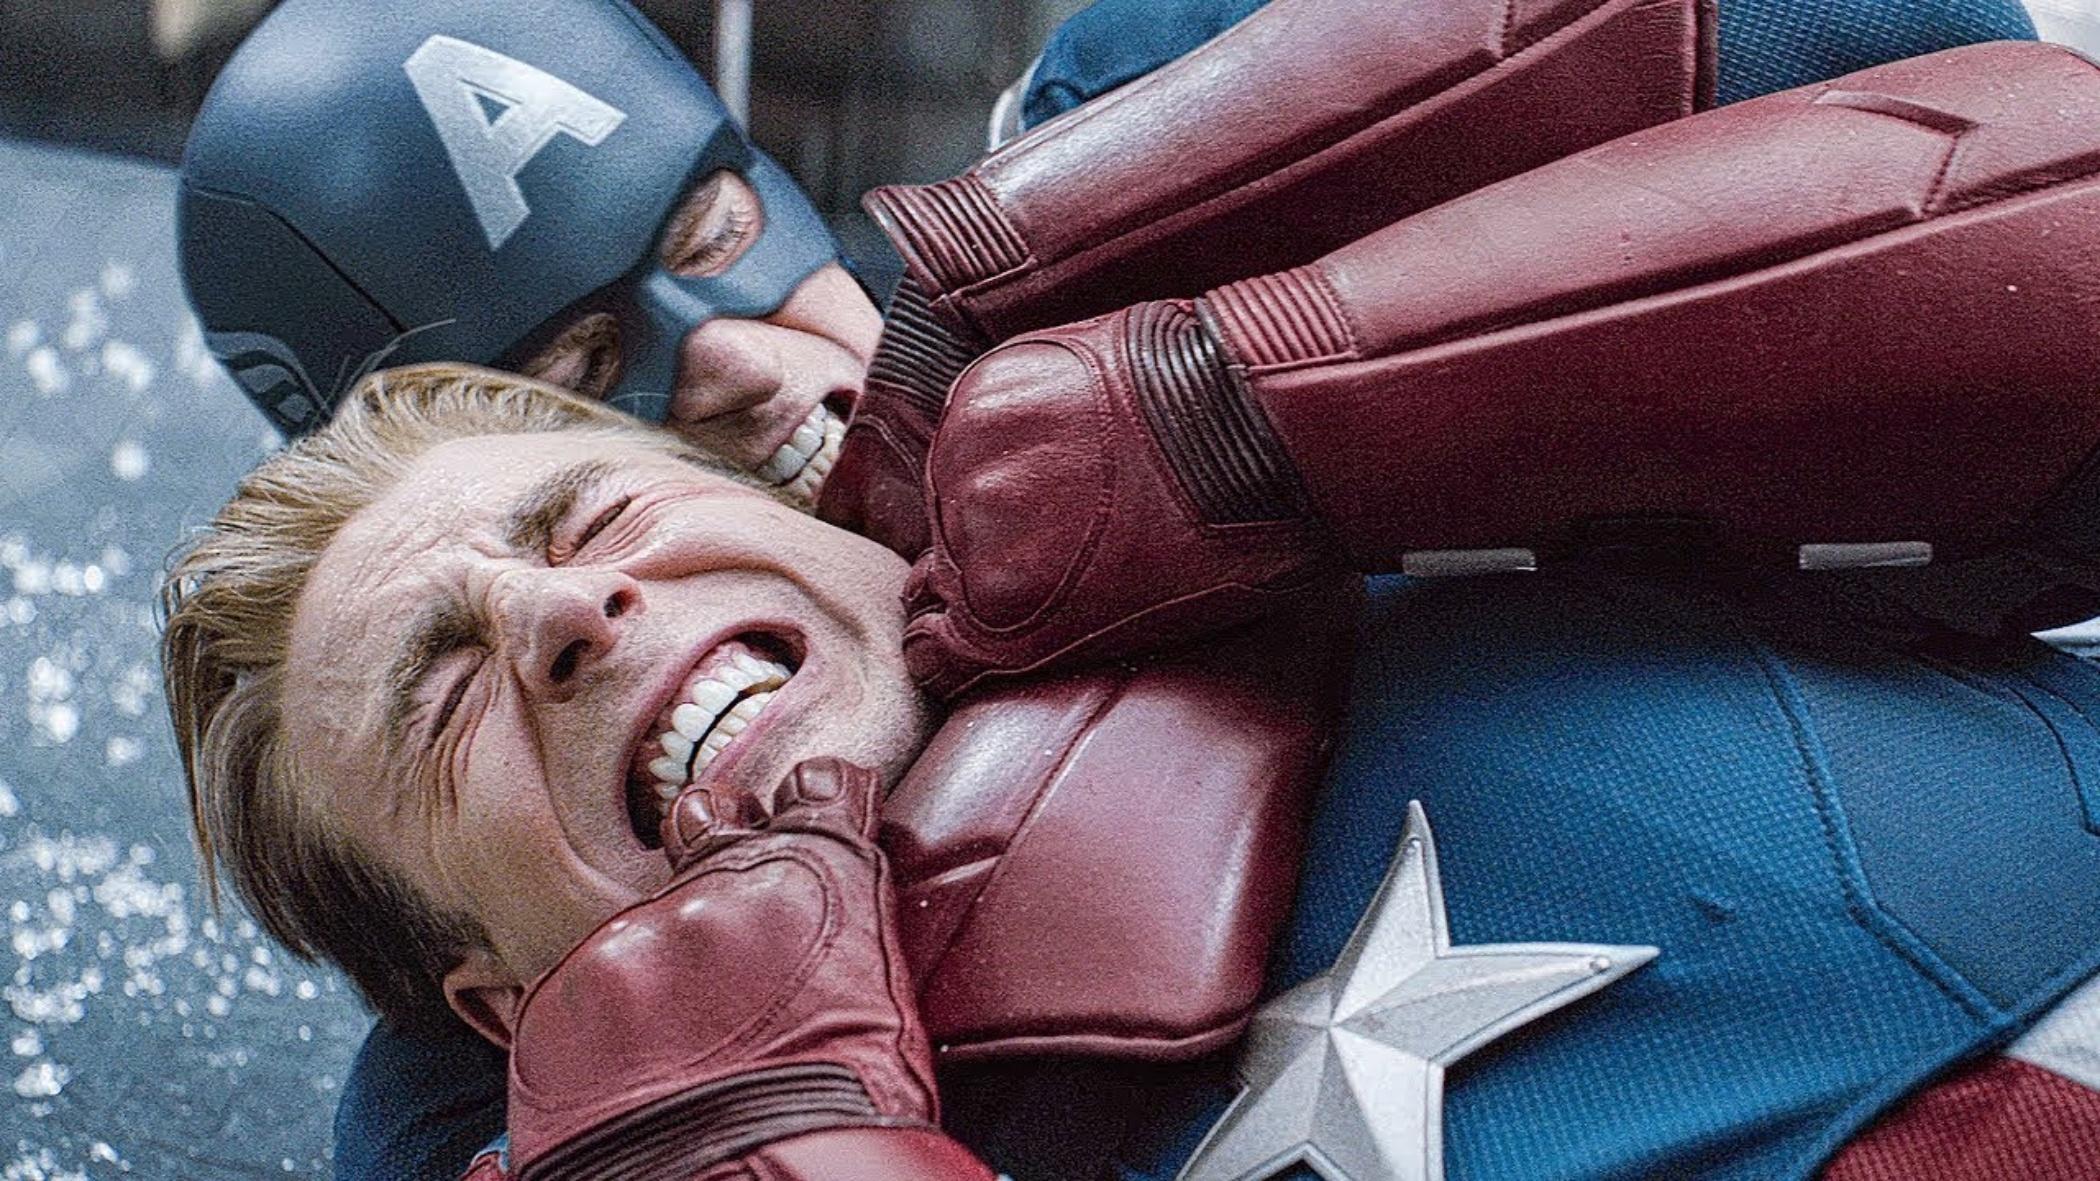 El sediento meme de 'Avengers: Endgame' demuestra cuán peligroso es el Capitán ...